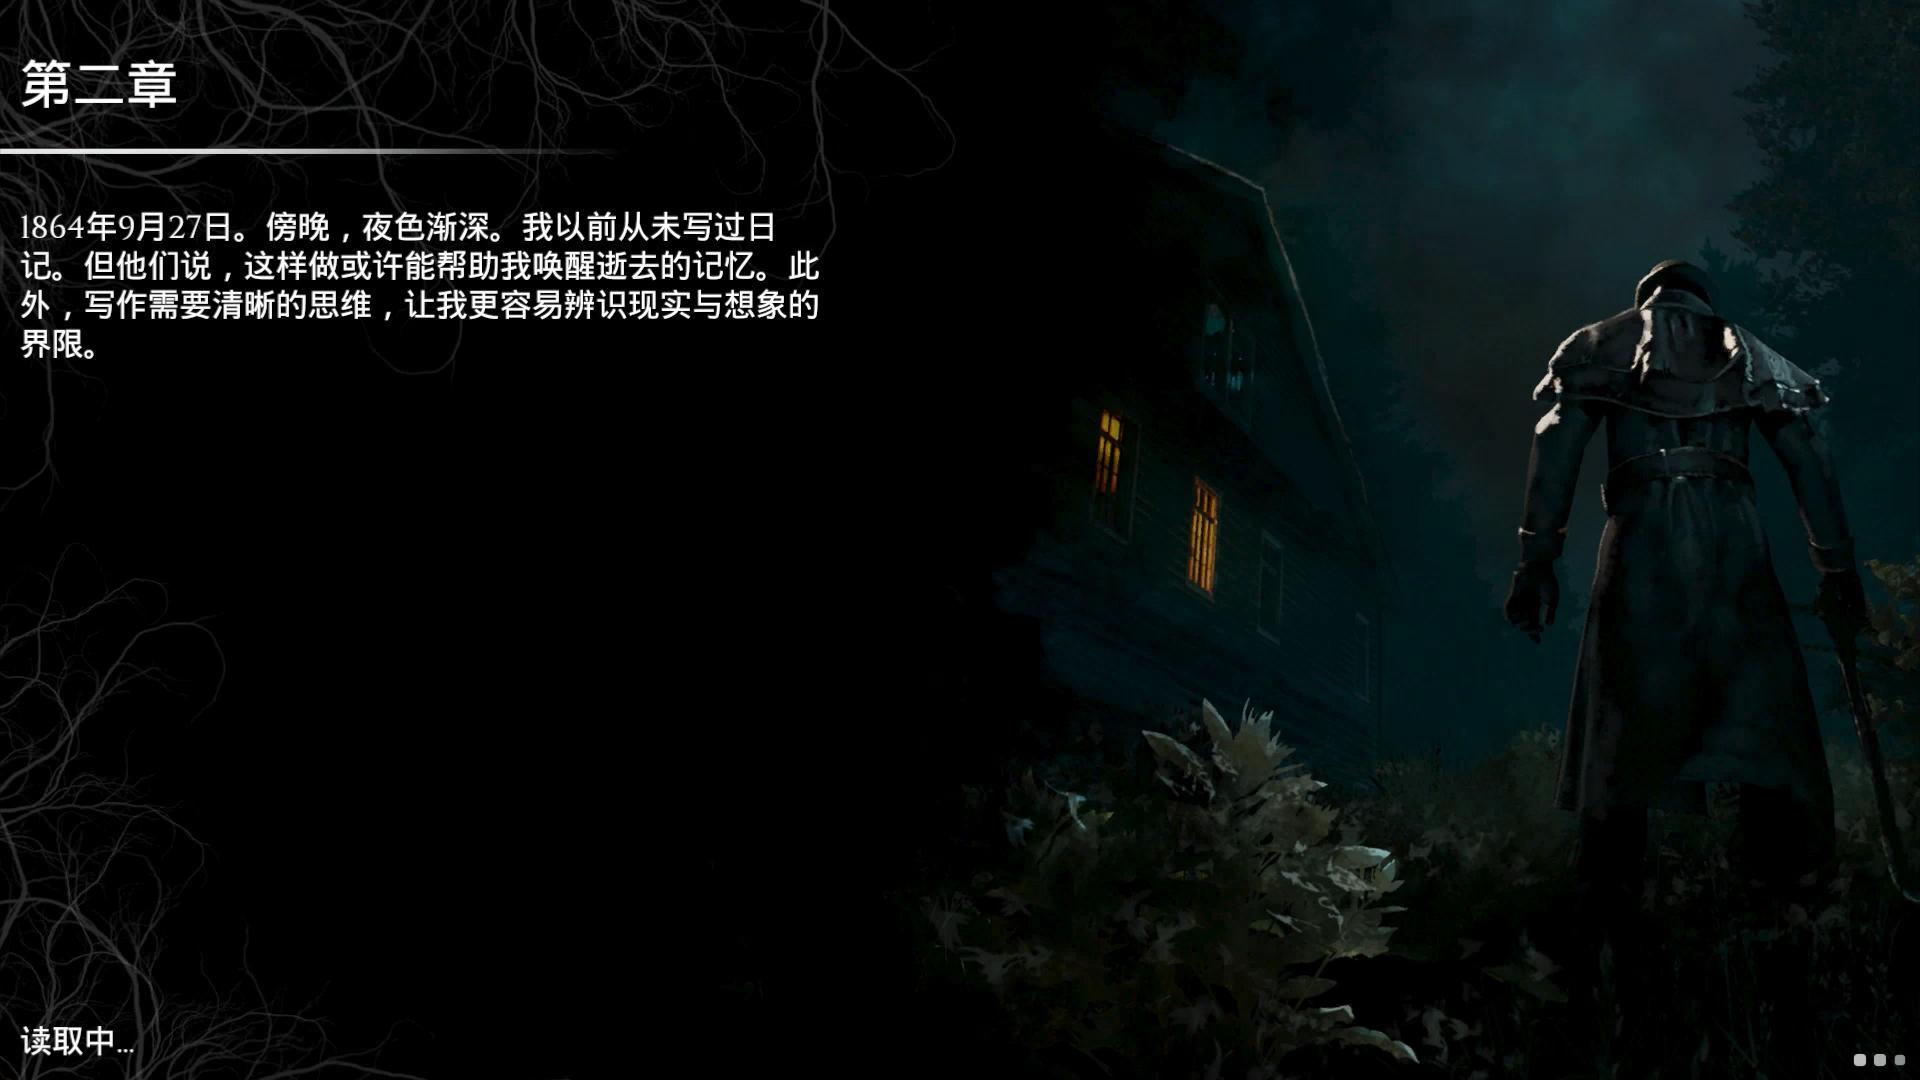 恐惧降临!山中老宅半夜出现神秘人及白色幽灵《心魔》P2不速之客